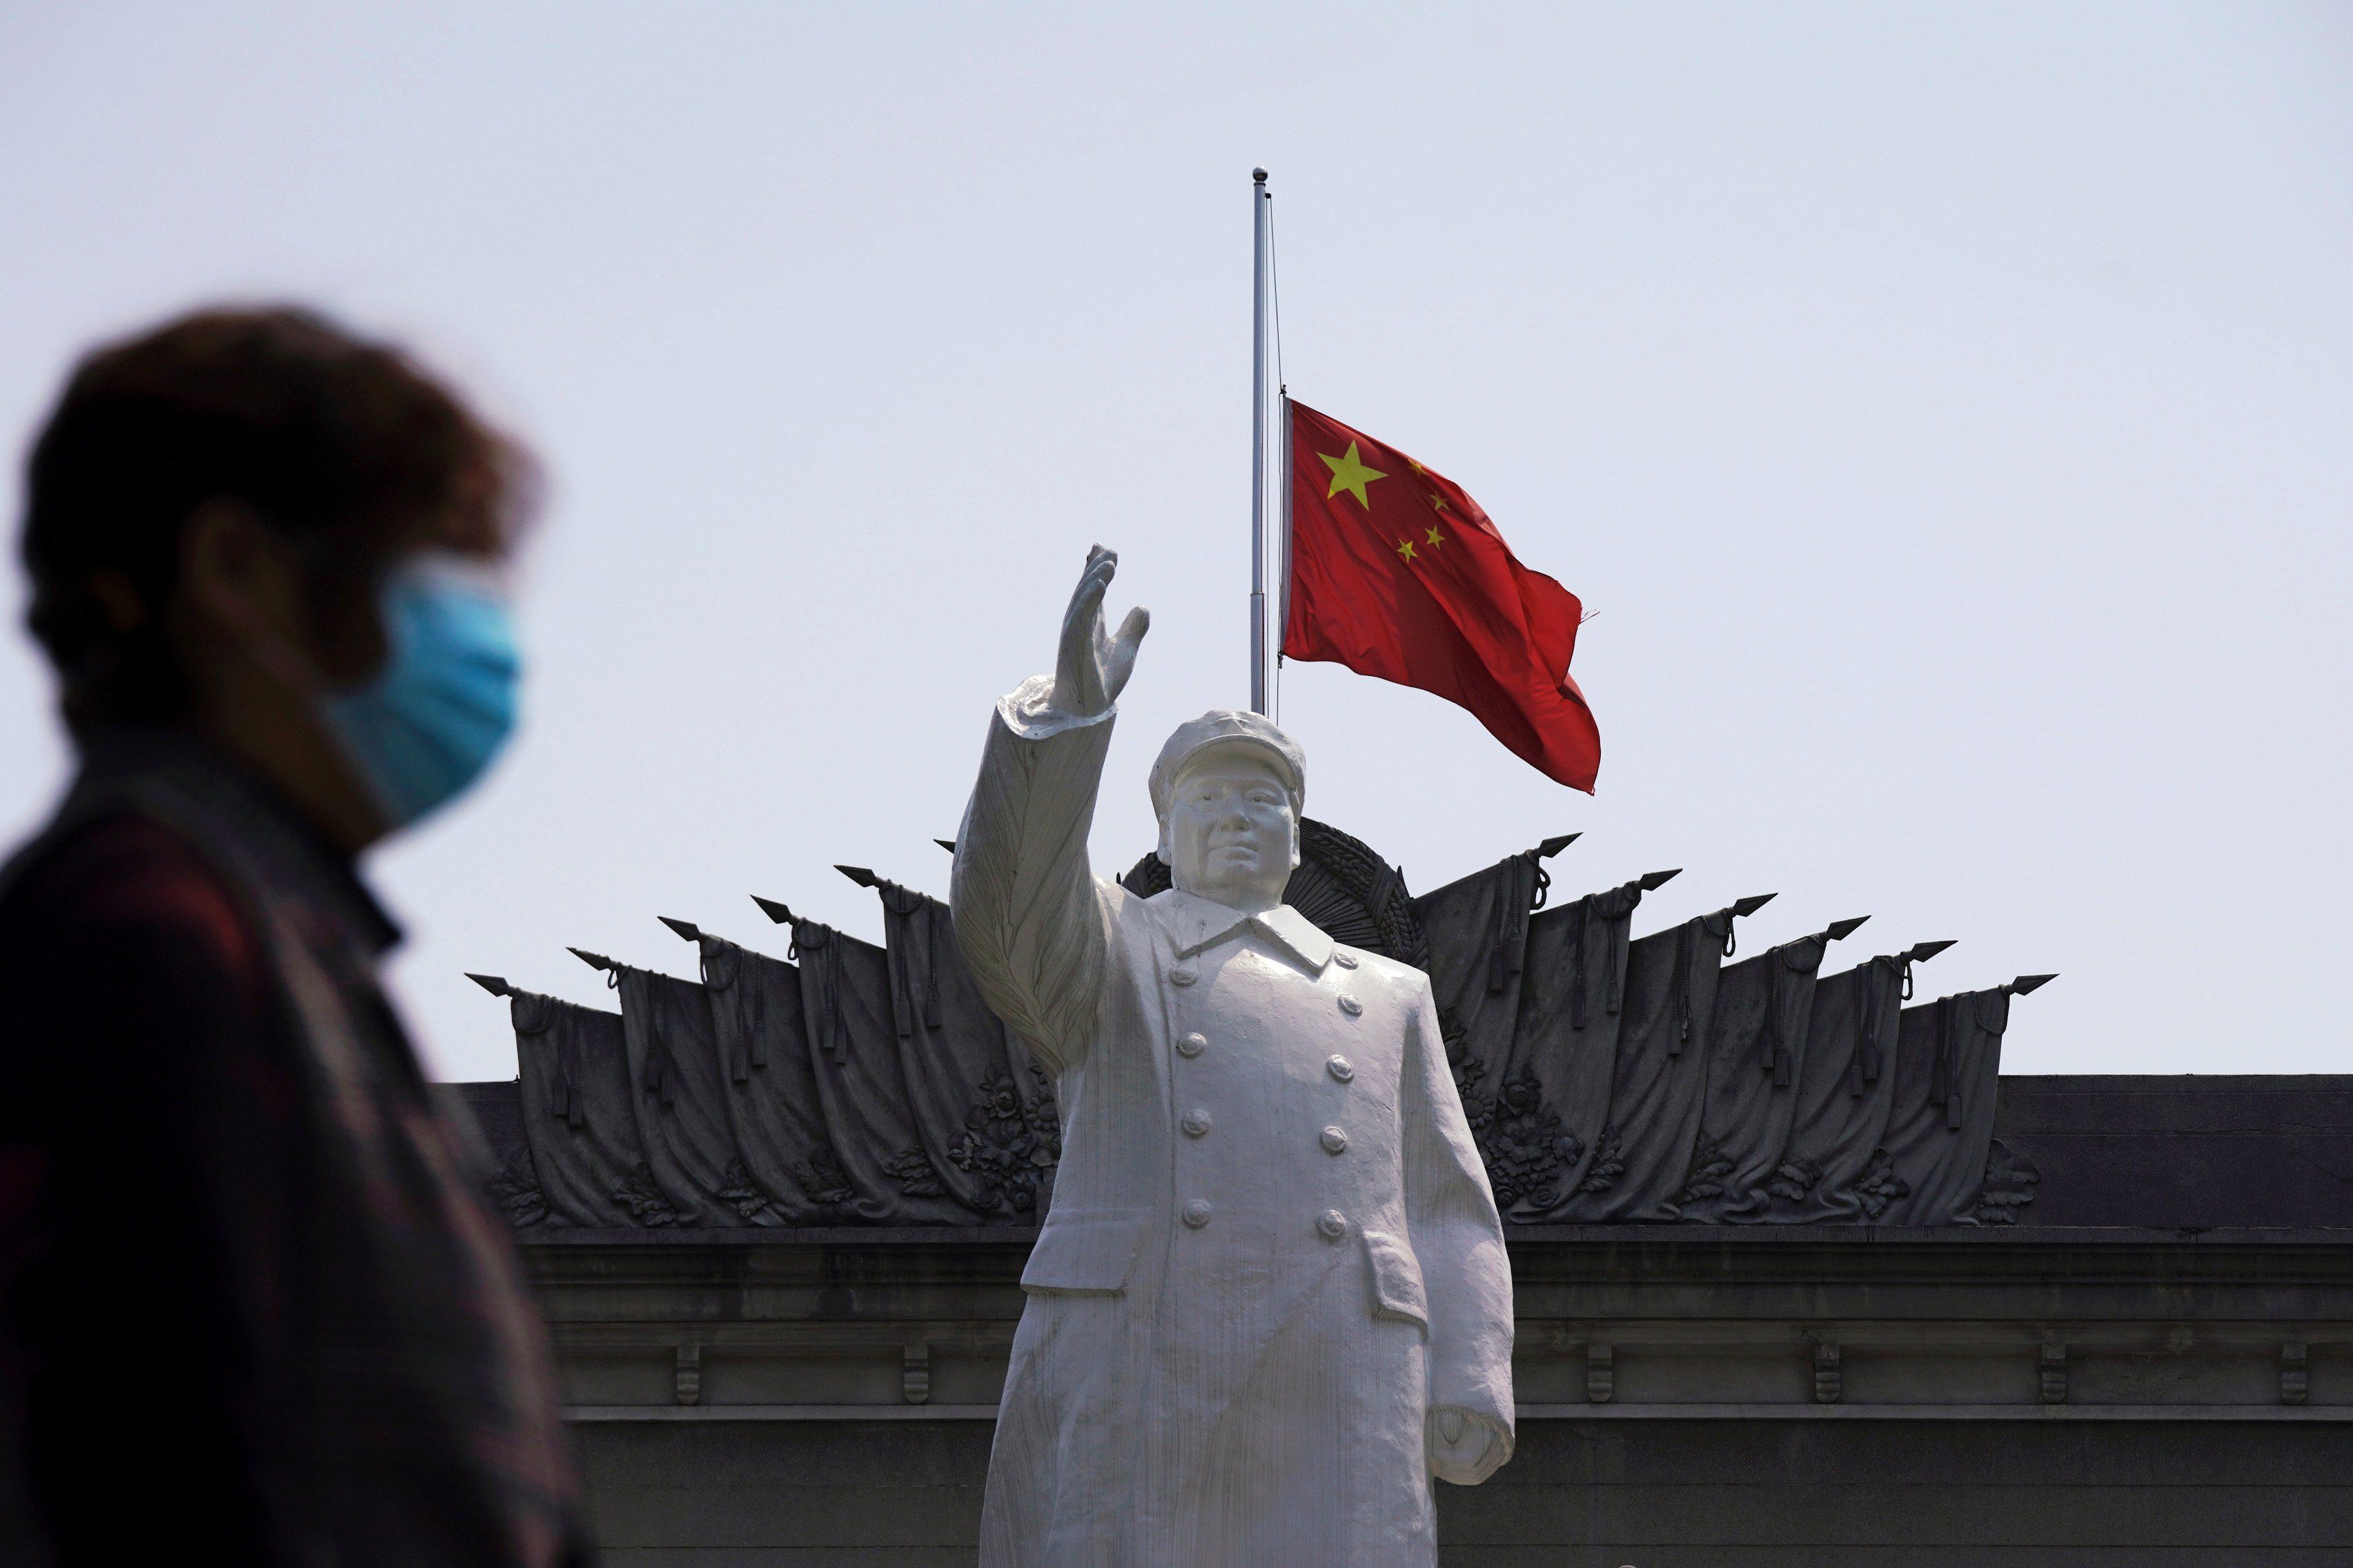 จีนแผ่นดินใหญ่ พบผู้ป่วย โควิด-19 เพิ่มขึ้นอีก 30 ราย ตายเพิ่ม 3